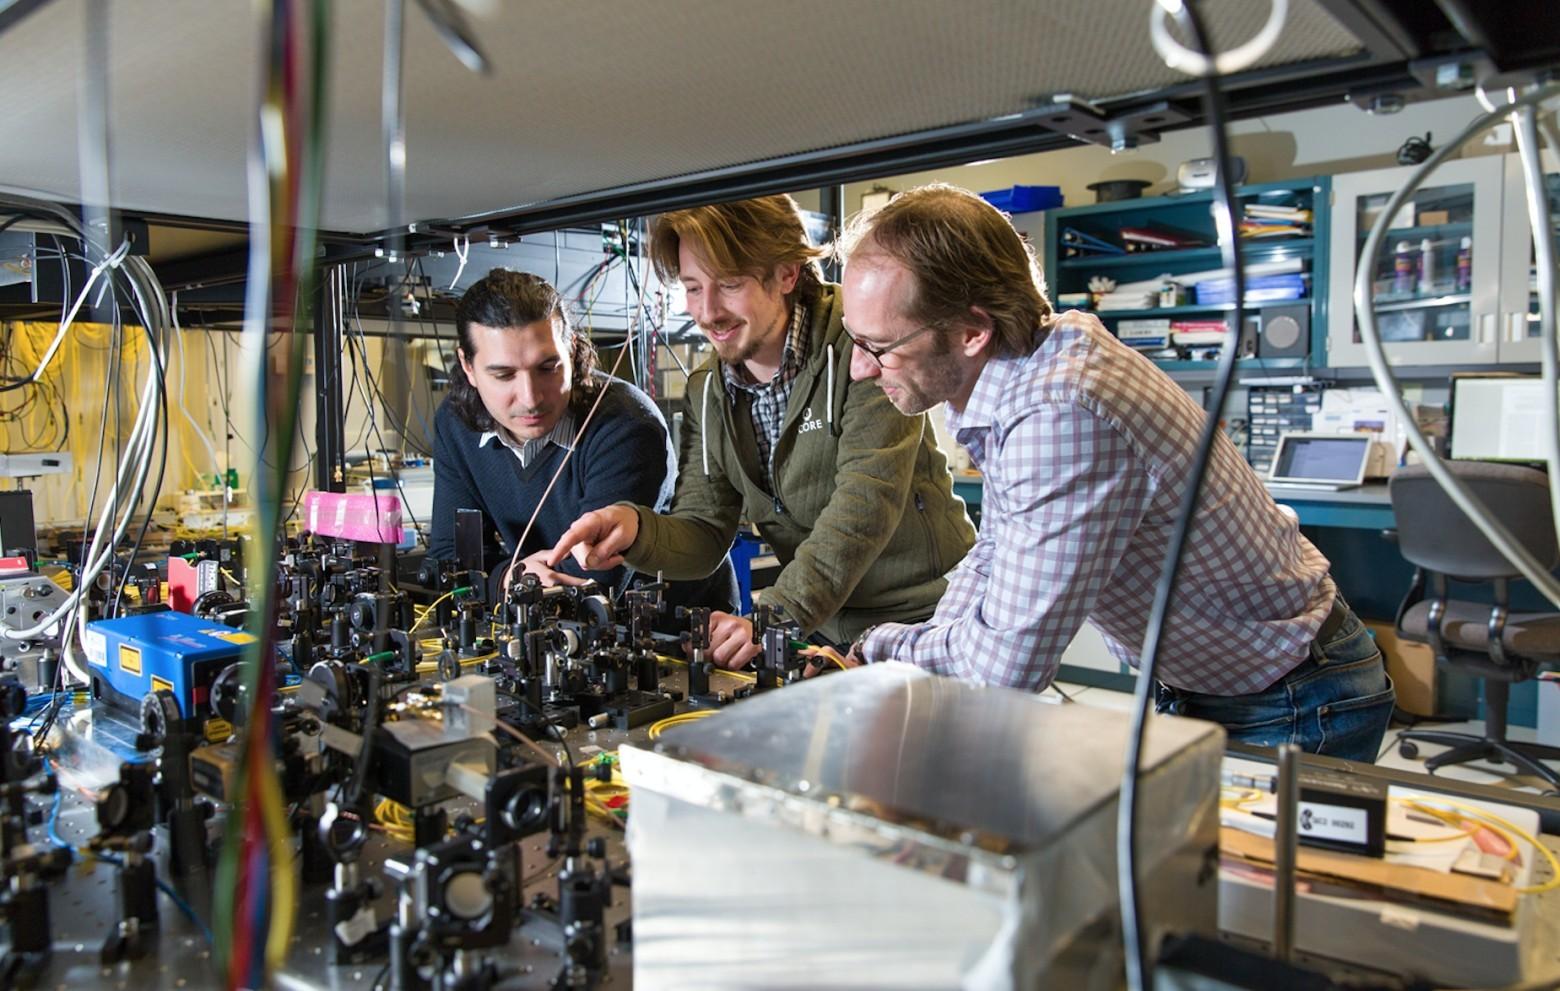 Новый рекорд квантовой телепортации по оптоволокну: 6,2 км по прямой - 2